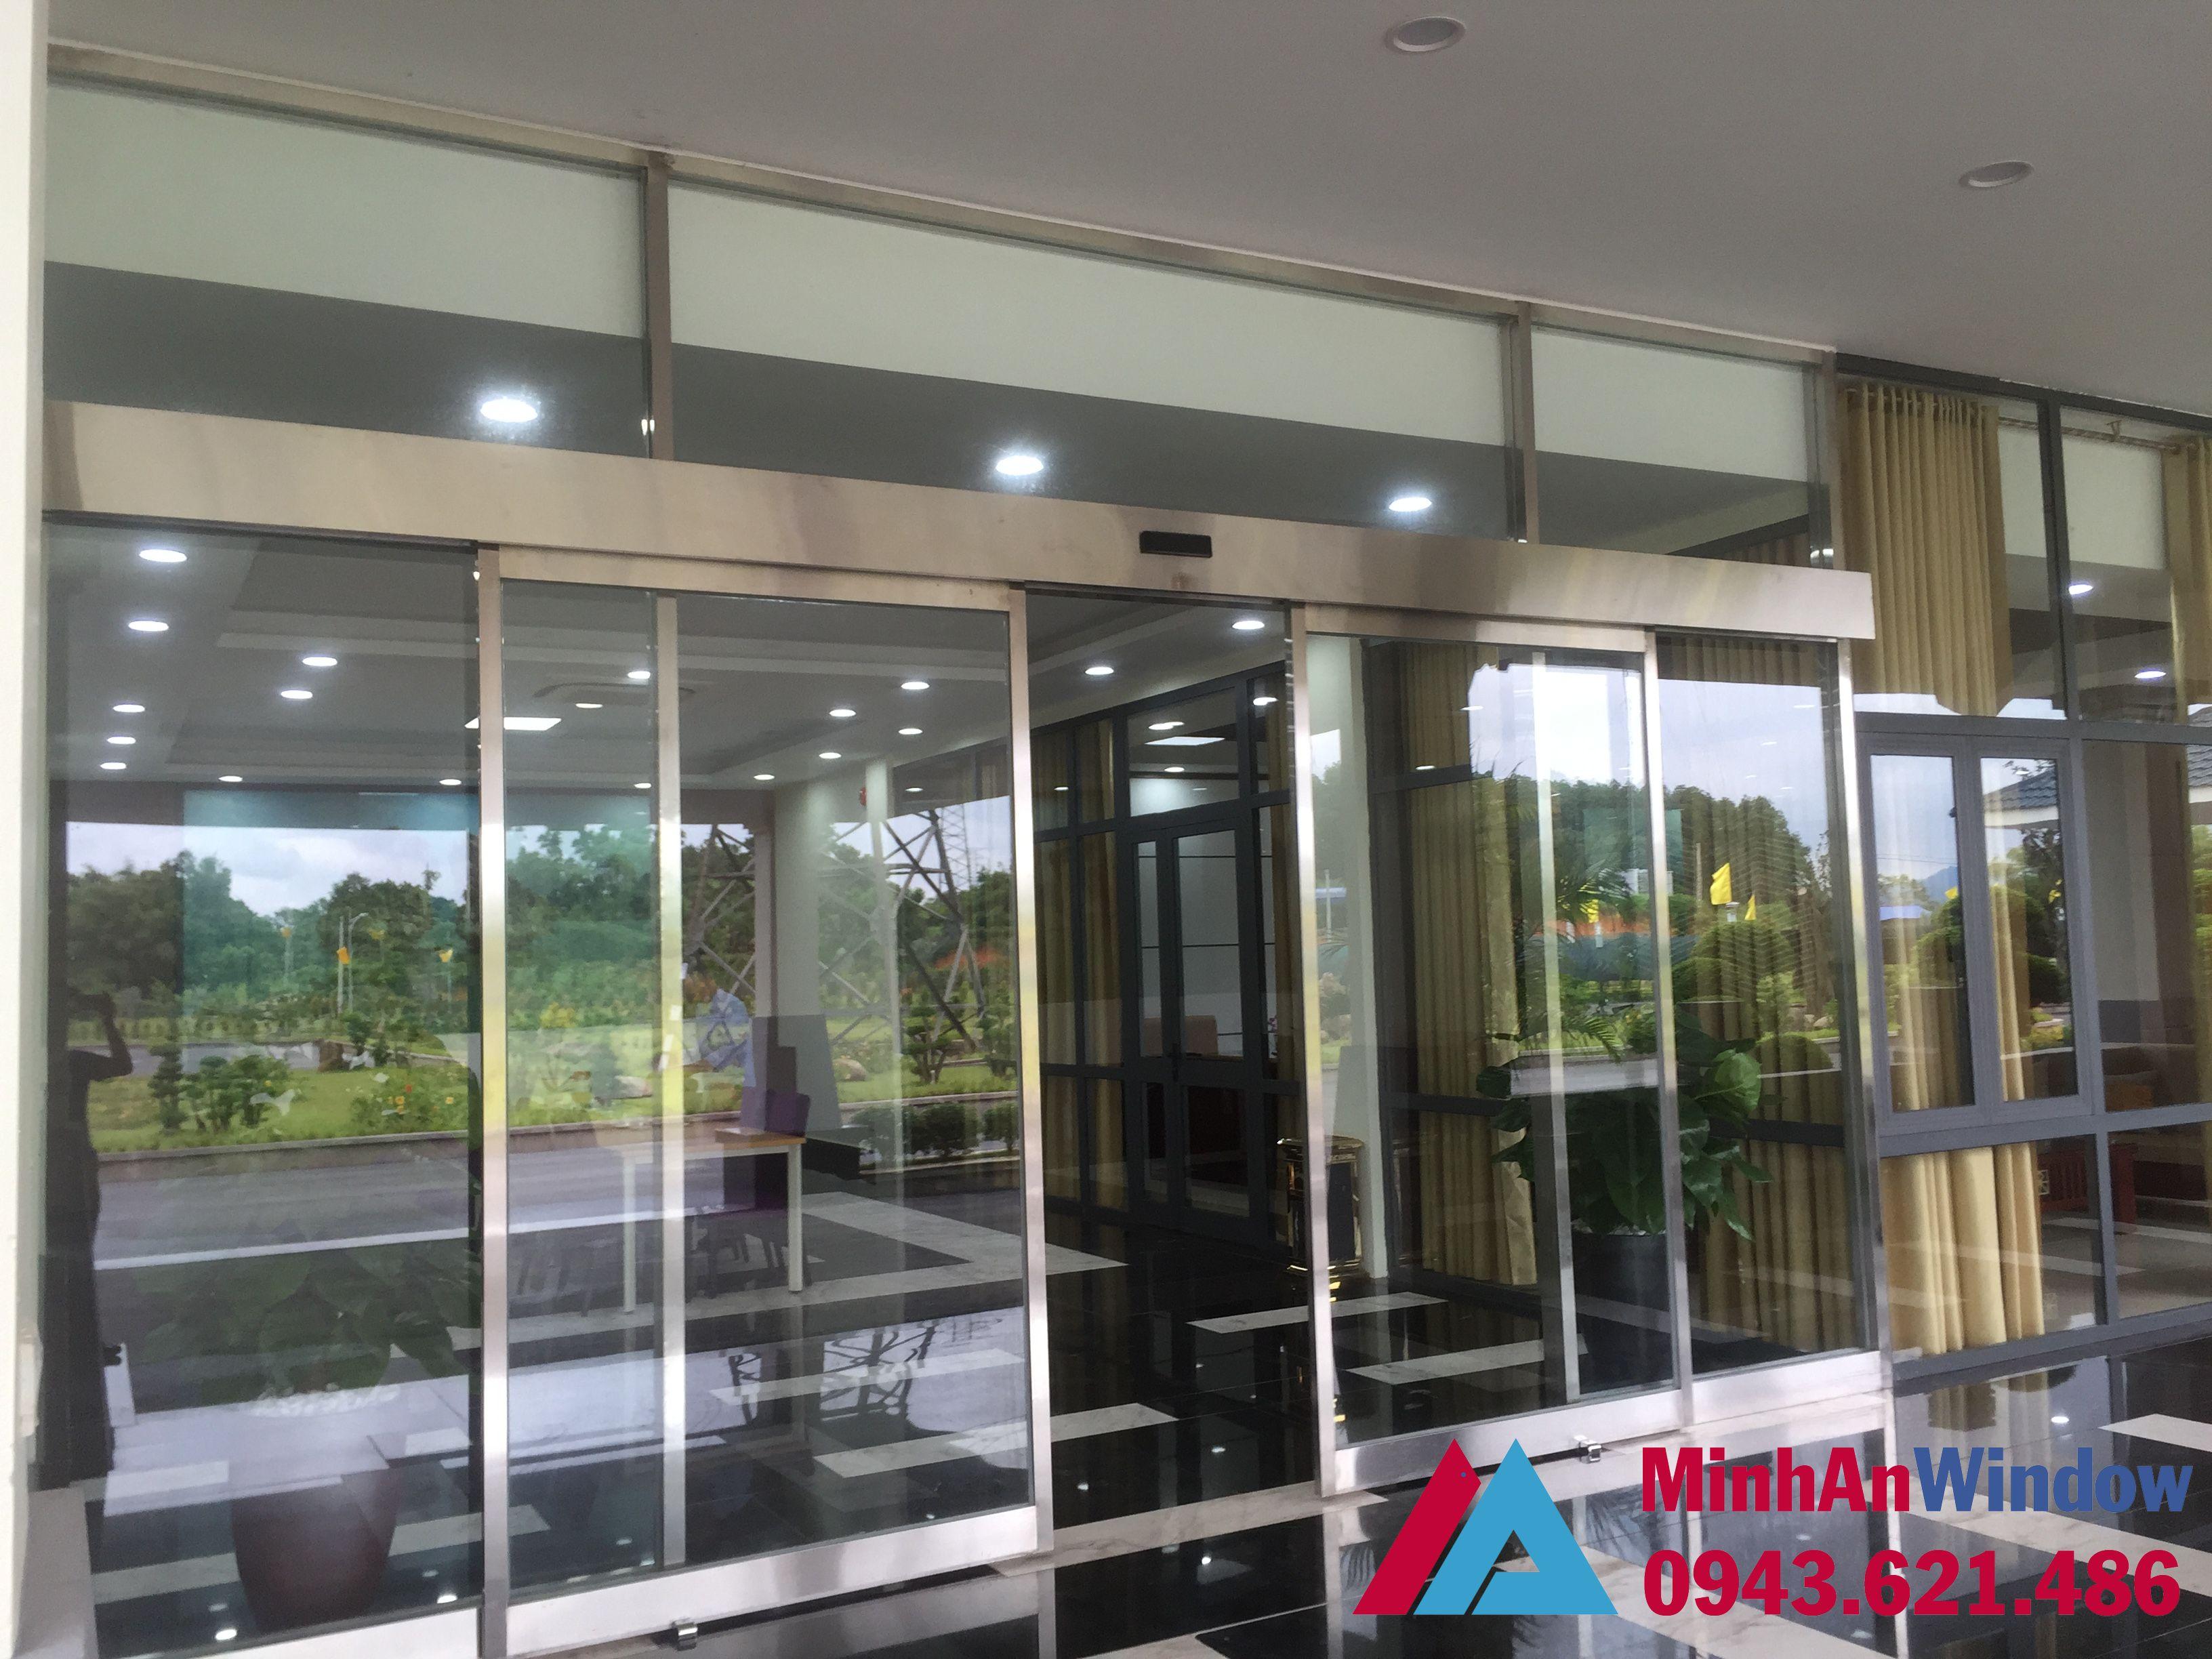 Báo giá cửa tự động - Cửa kính tự động - Phụ kiện cửa Chính hãng